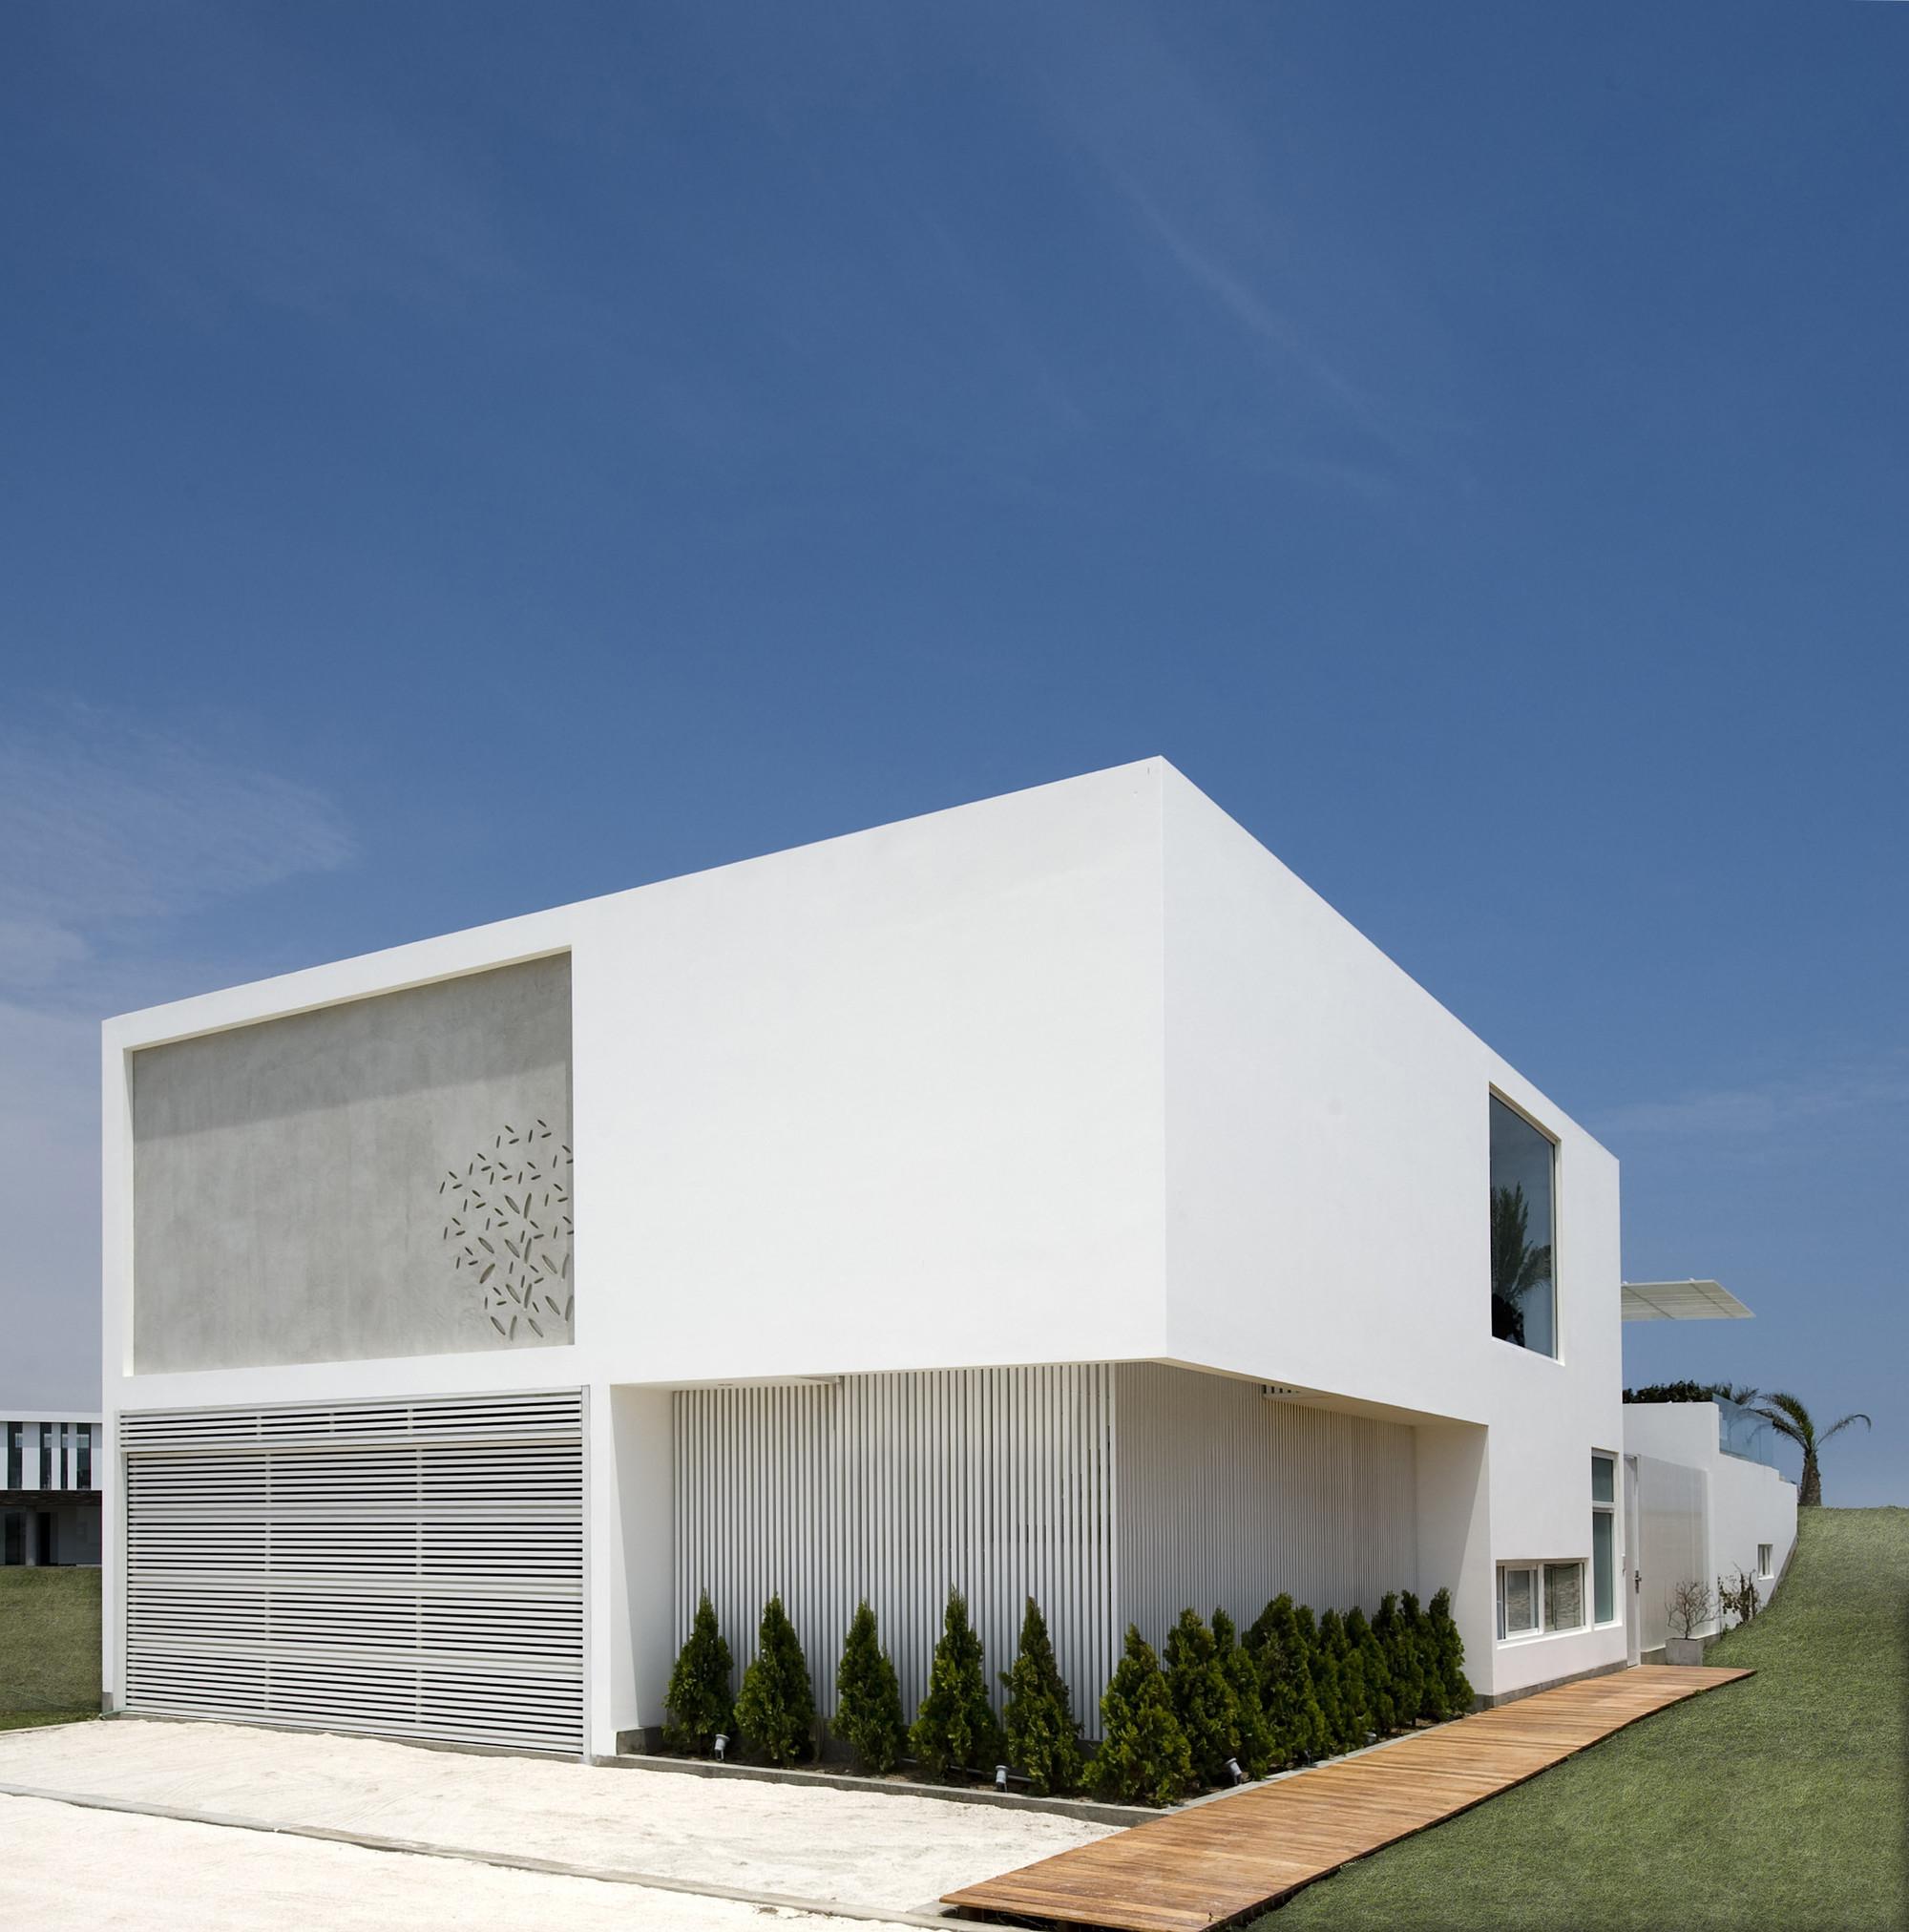 Galeria de casa v estudio 6 arquitectos 8 - Maison architecture contemporaine grupo arquitectura ...